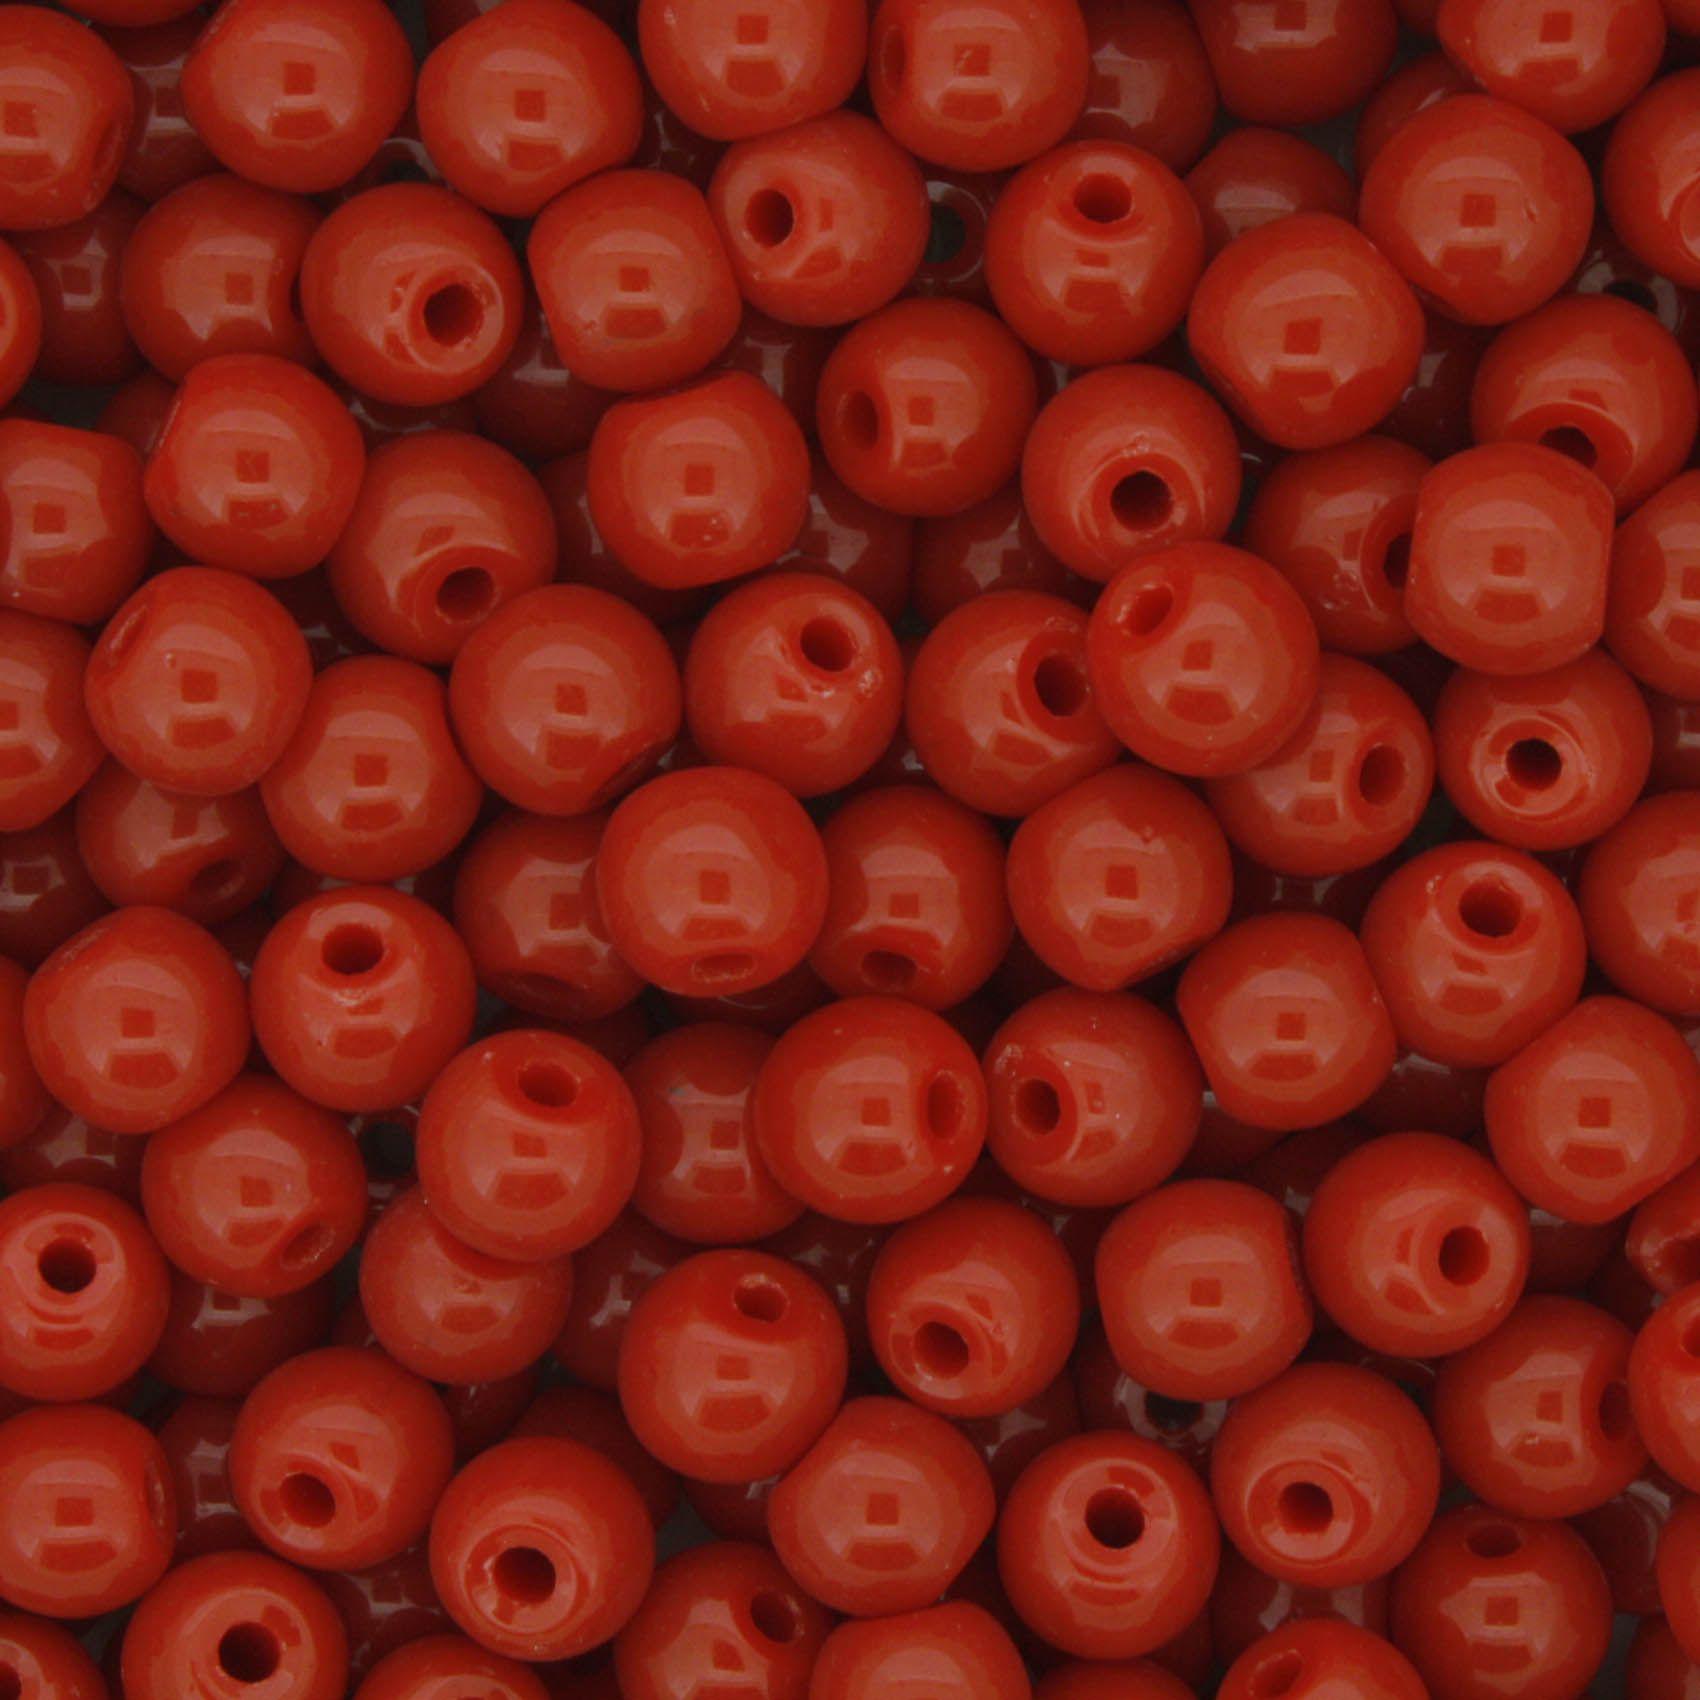 Contas de Porcelana® - Vermelha - 6mm  - Stéphanie Bijoux® - Peças para Bijuterias e Artesanato